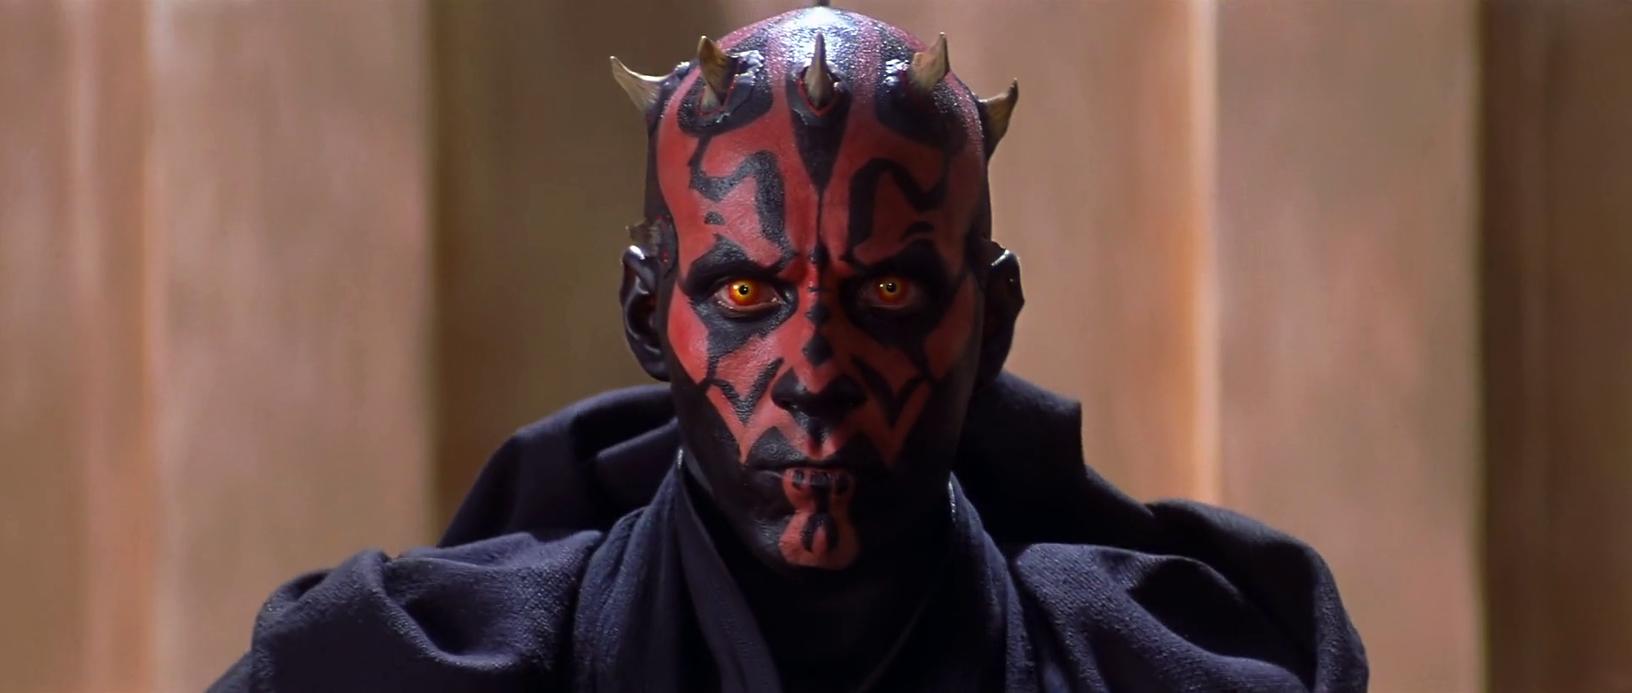 Star Wars Filmy Online 14